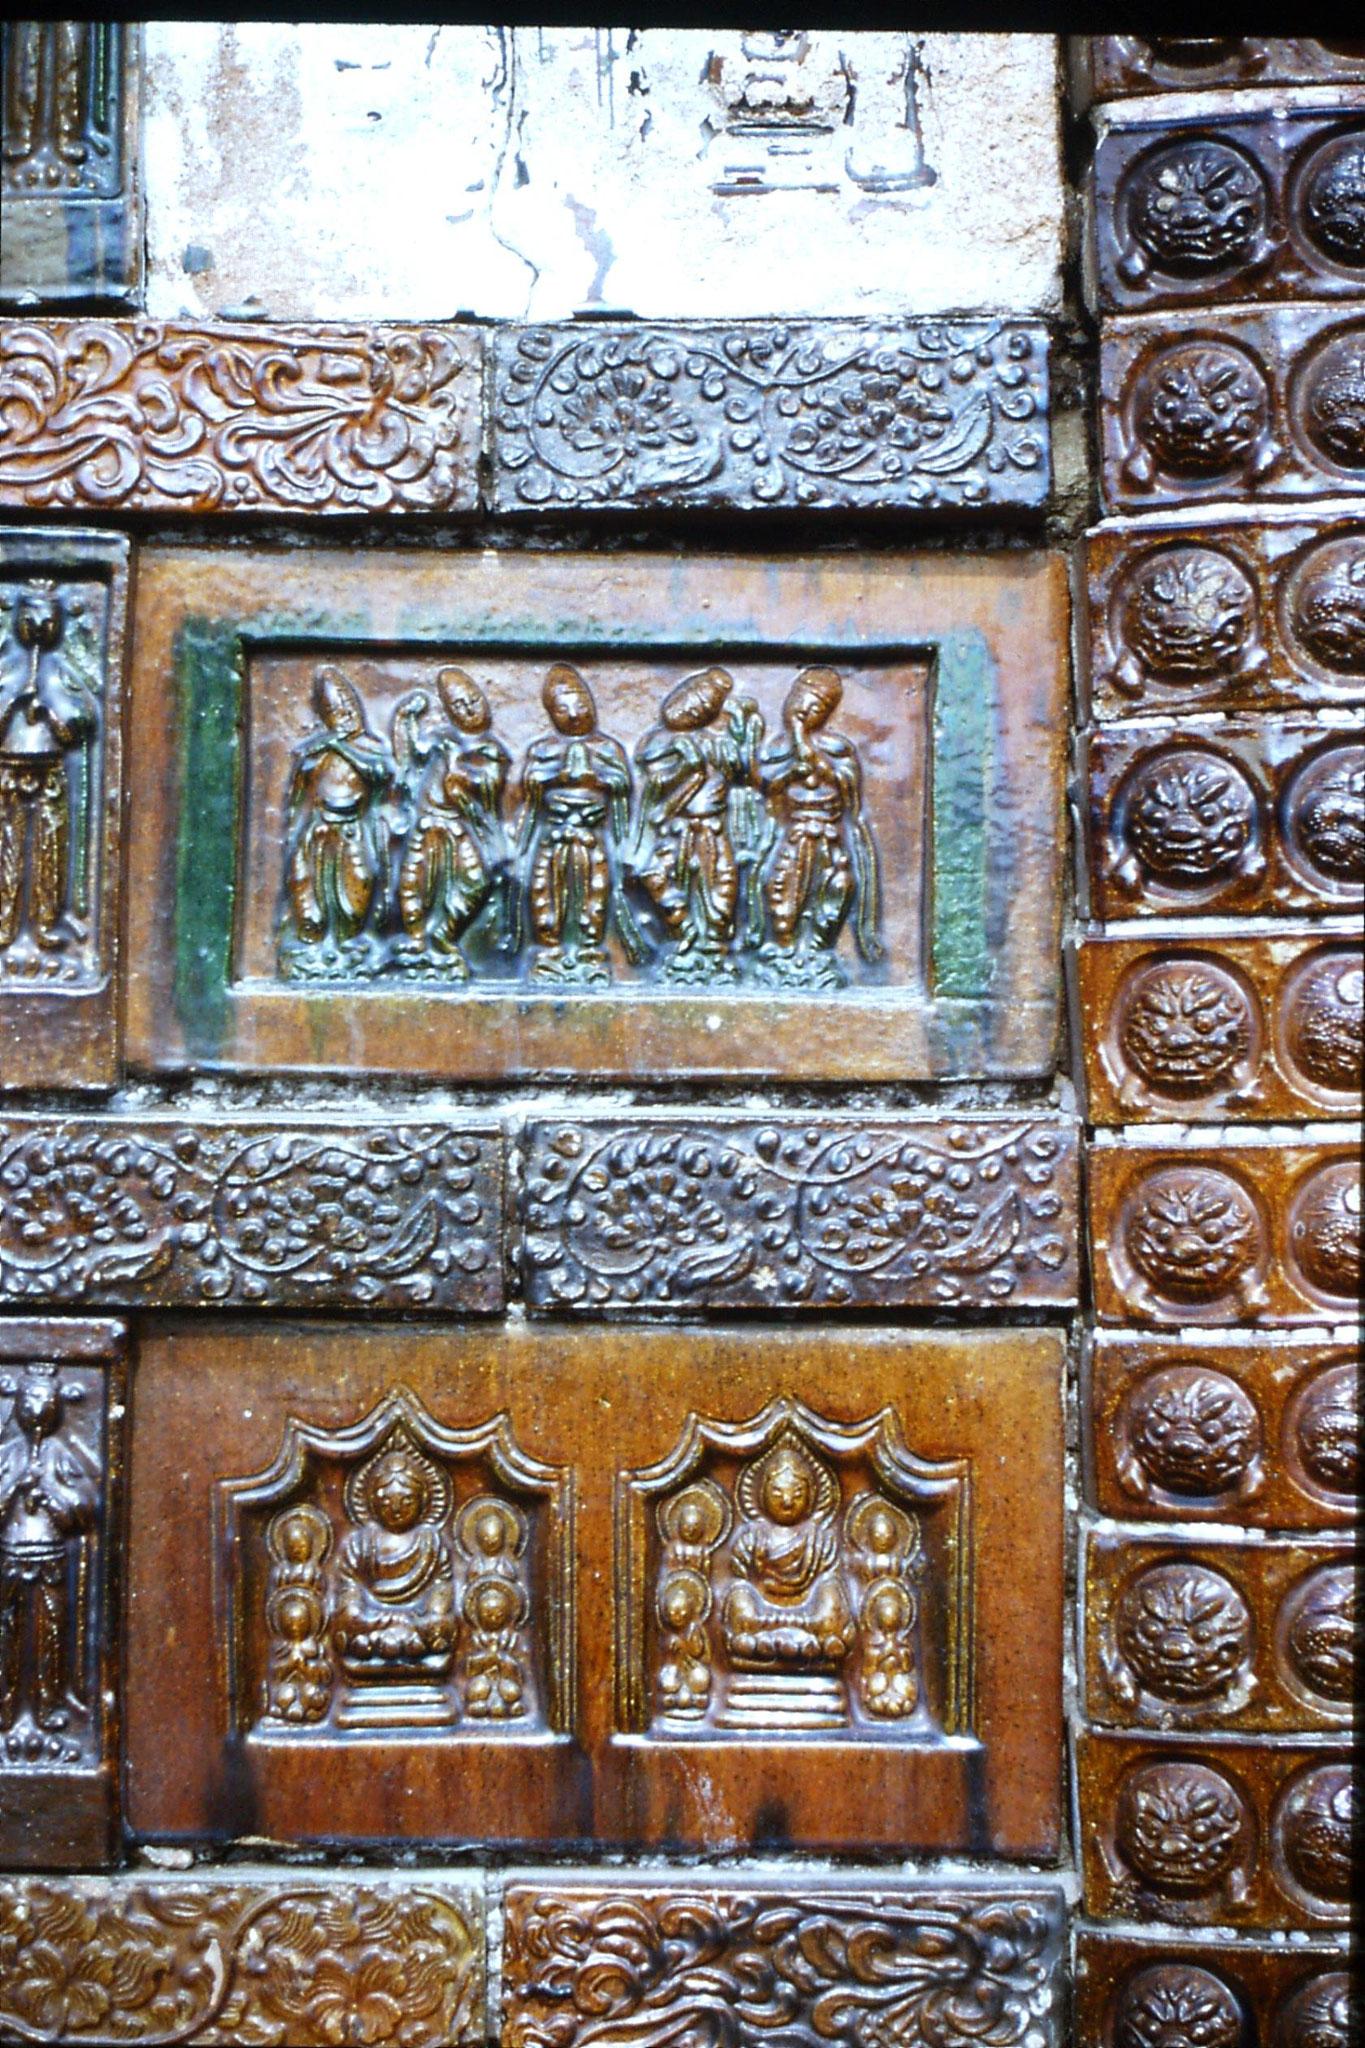 25/2/1989: 13: Kaifeng Iron Pagoda